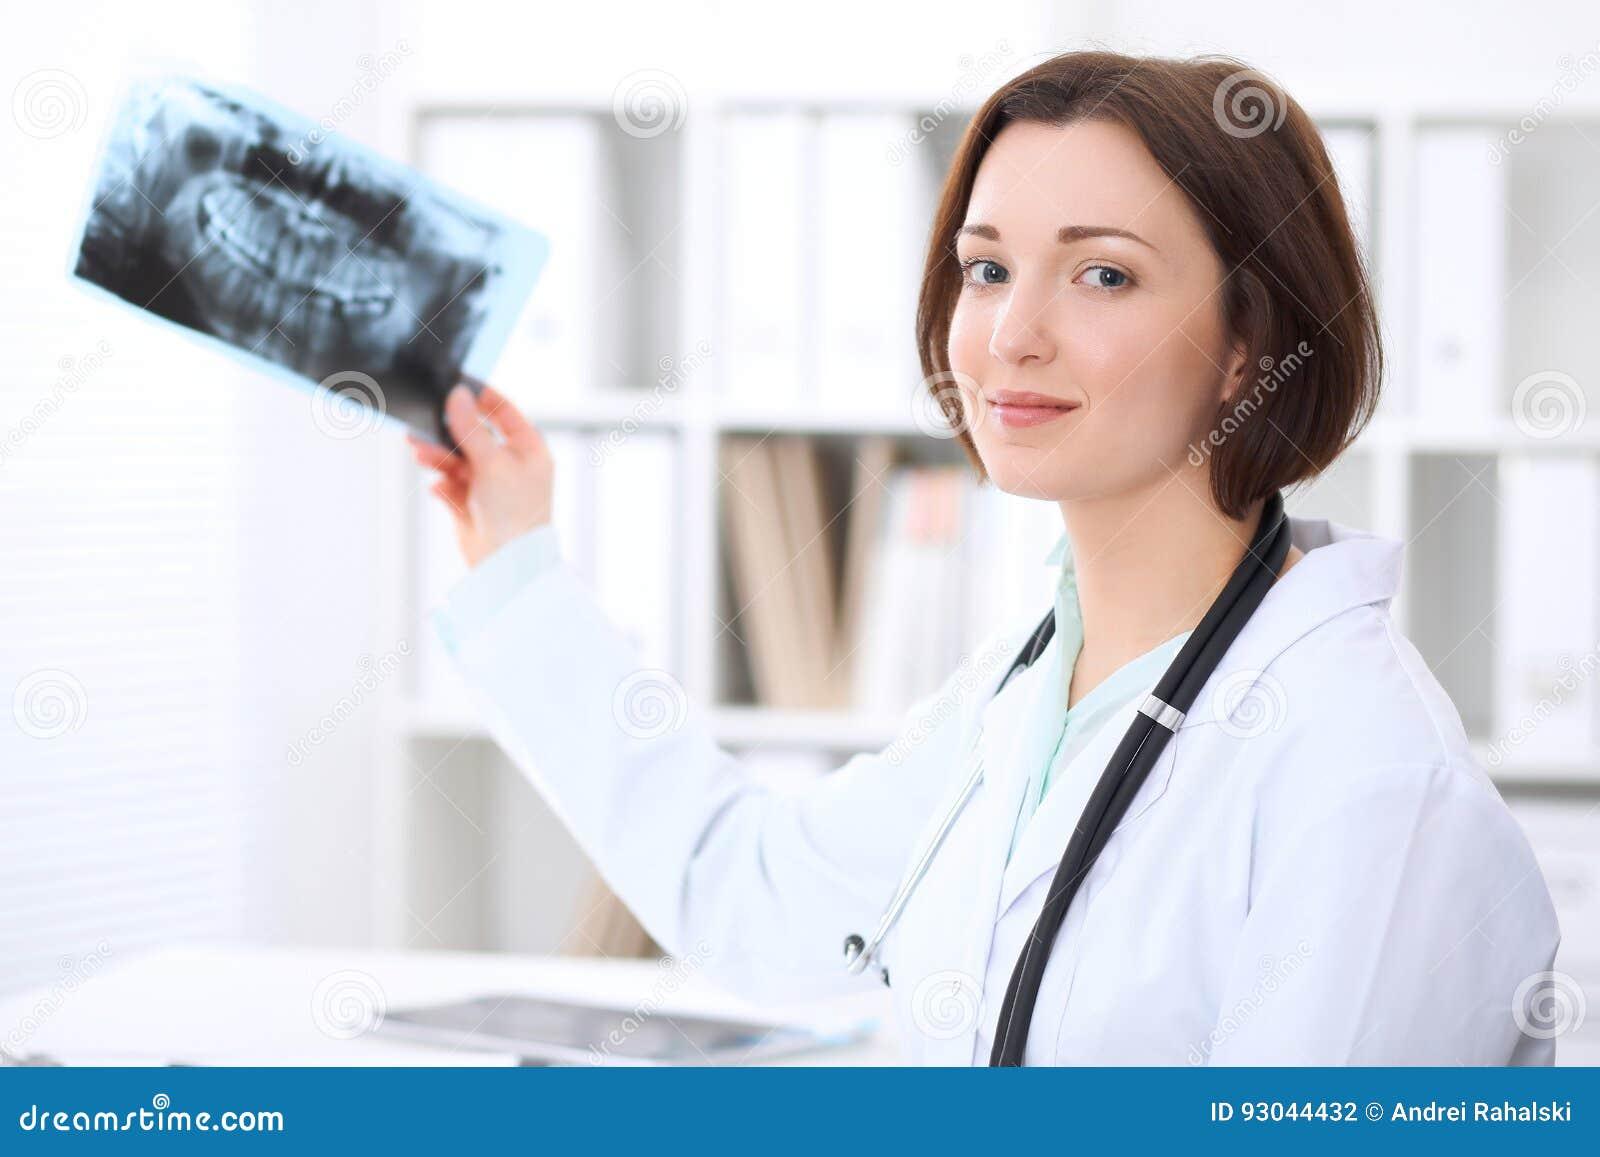 Дантист молодого брюнет женский сидя на таблице и рассматривает зубоврачебный рентгеновский снимок